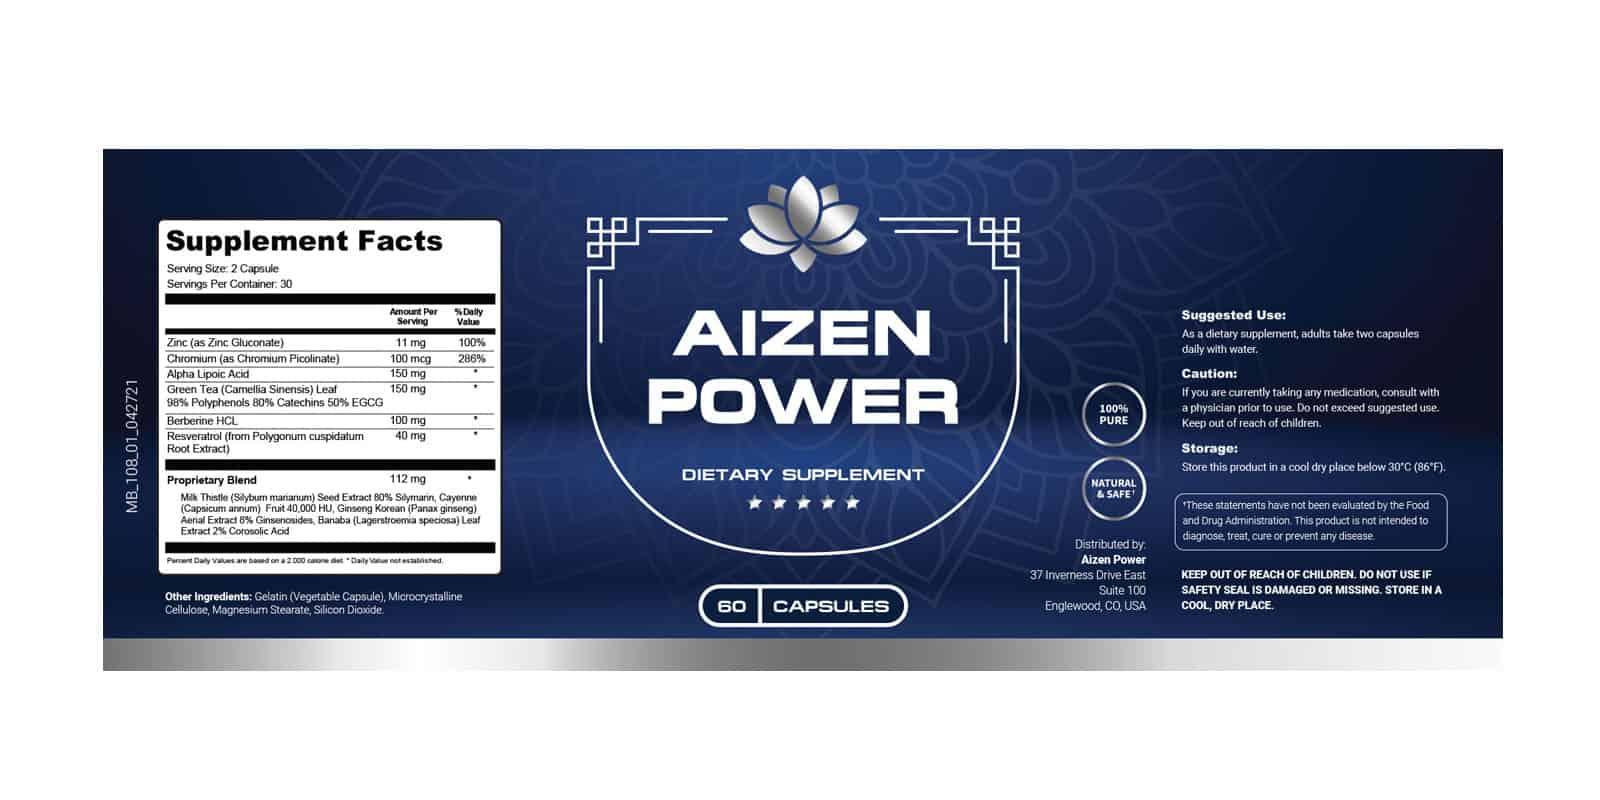 Aizen Power Dosage